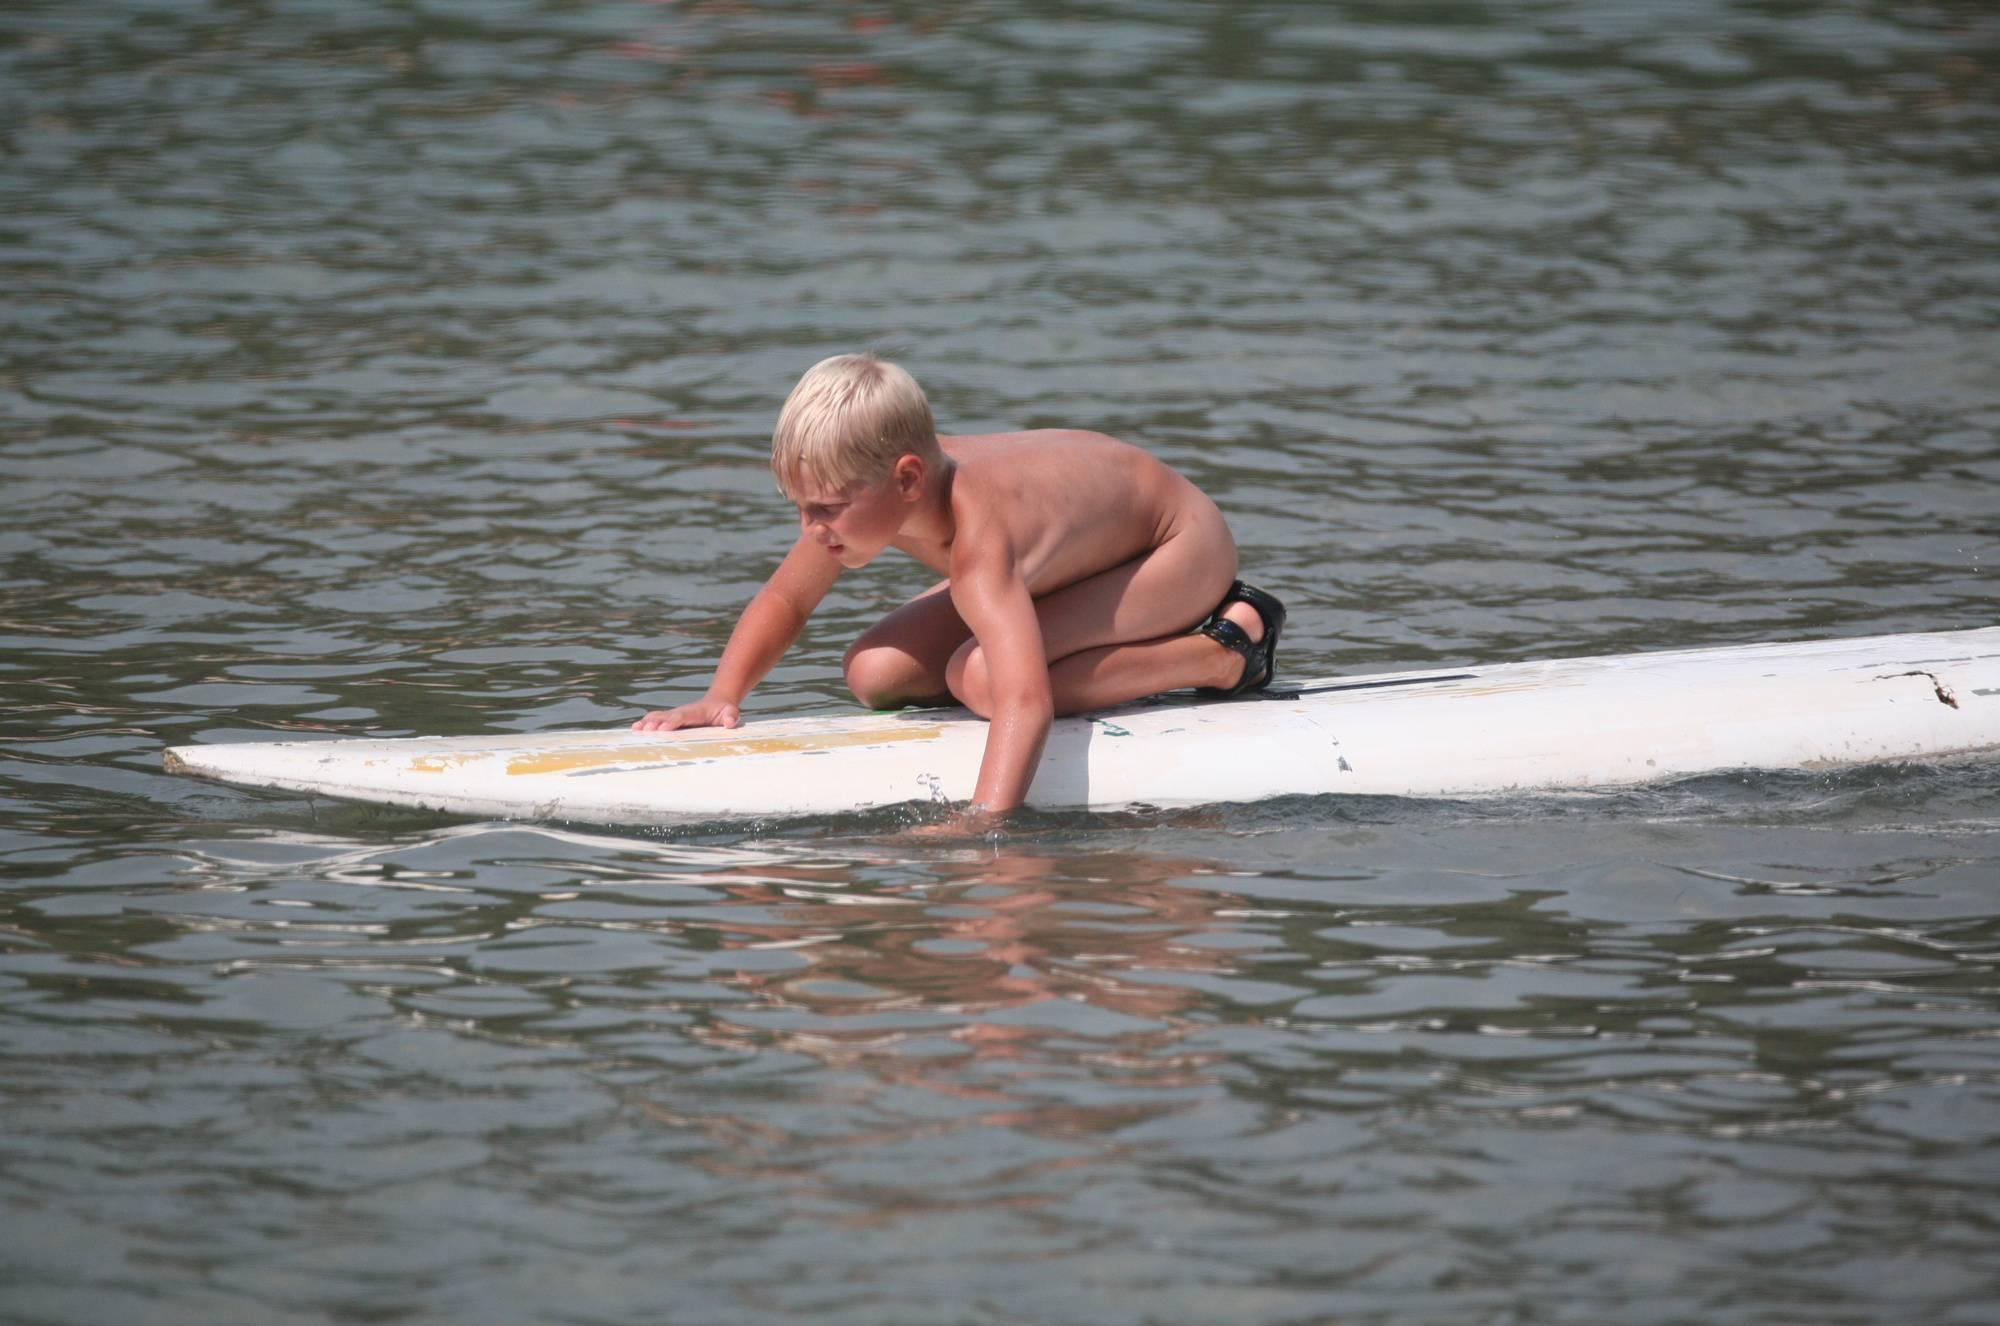 Naturist White Boy Surfer - 3